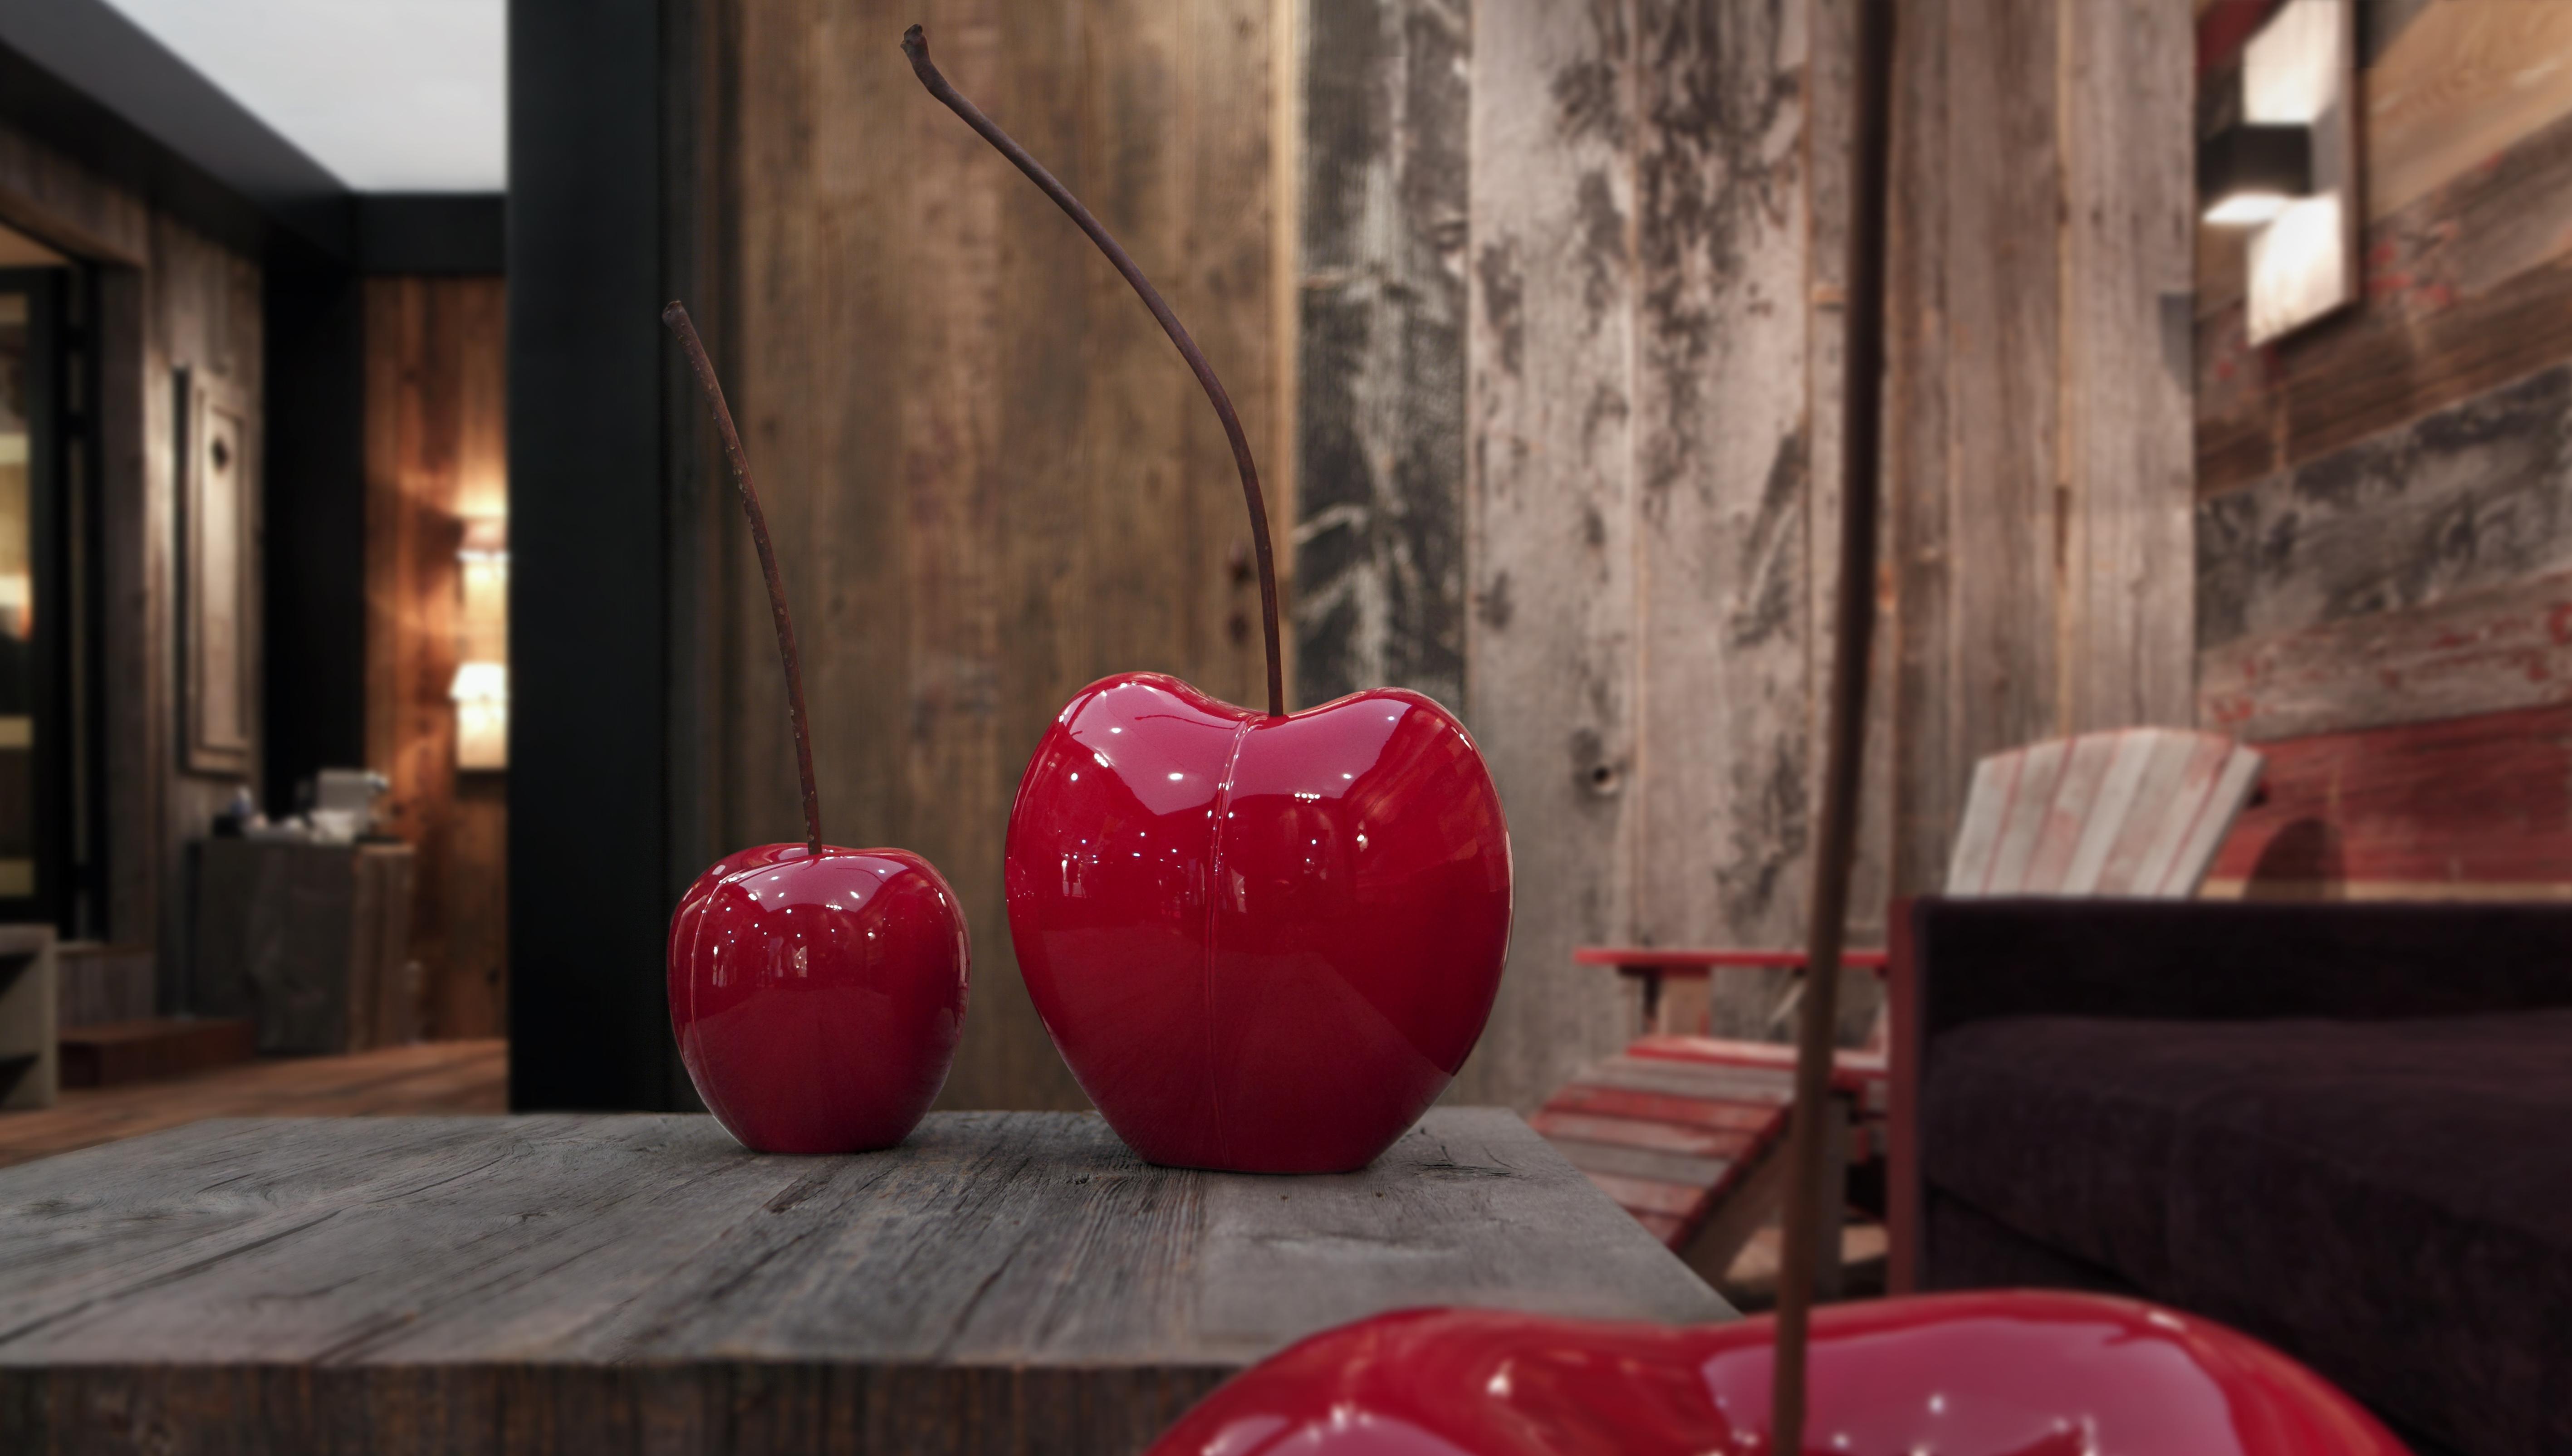 cerise cramique brillant glac bordeaux h30cm - Pomme Ceramique Pour Decoration